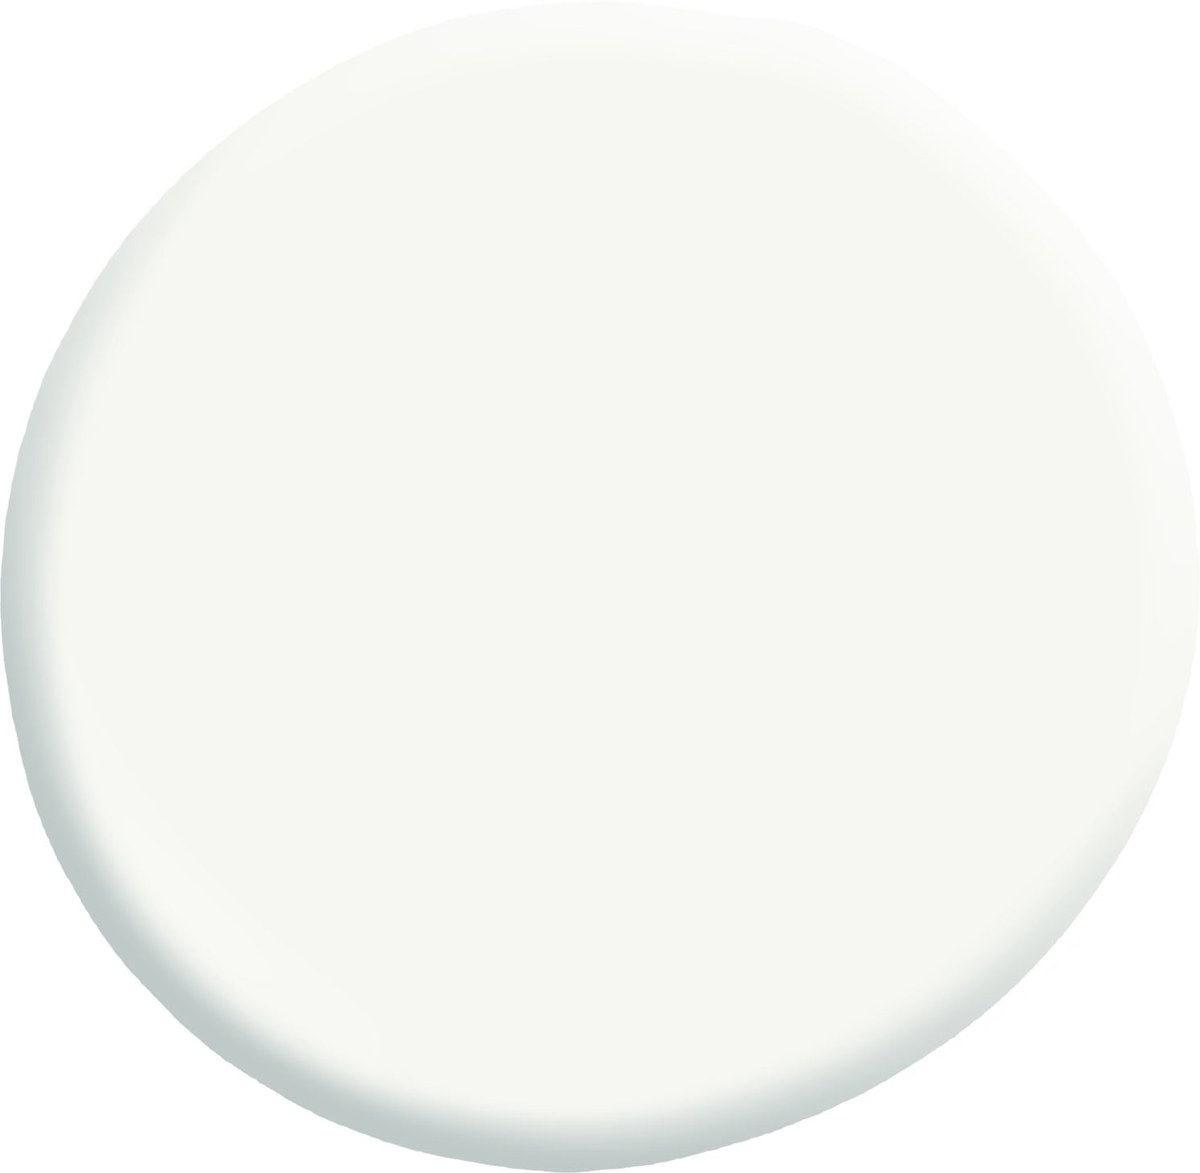 the most popular white paint colors valspar paint colors on best valspar paint colors id=76586